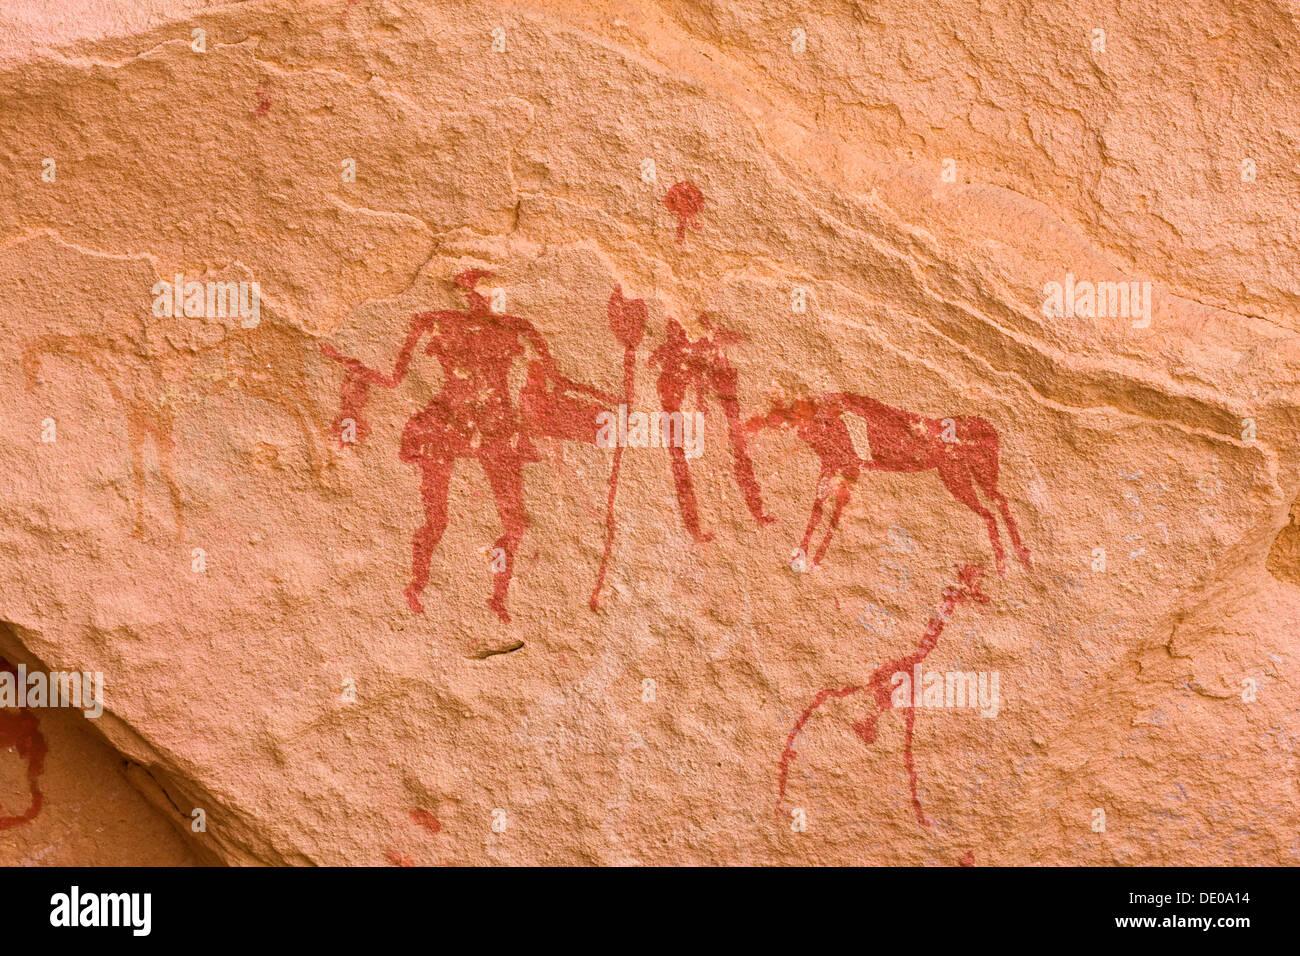 Rock des dessins préhistoriques dans la vallée de l'Akakus Awis, montagnes, désert de Libye, Libye, Sahara, Afrique du Nord, Afrique Photo Stock